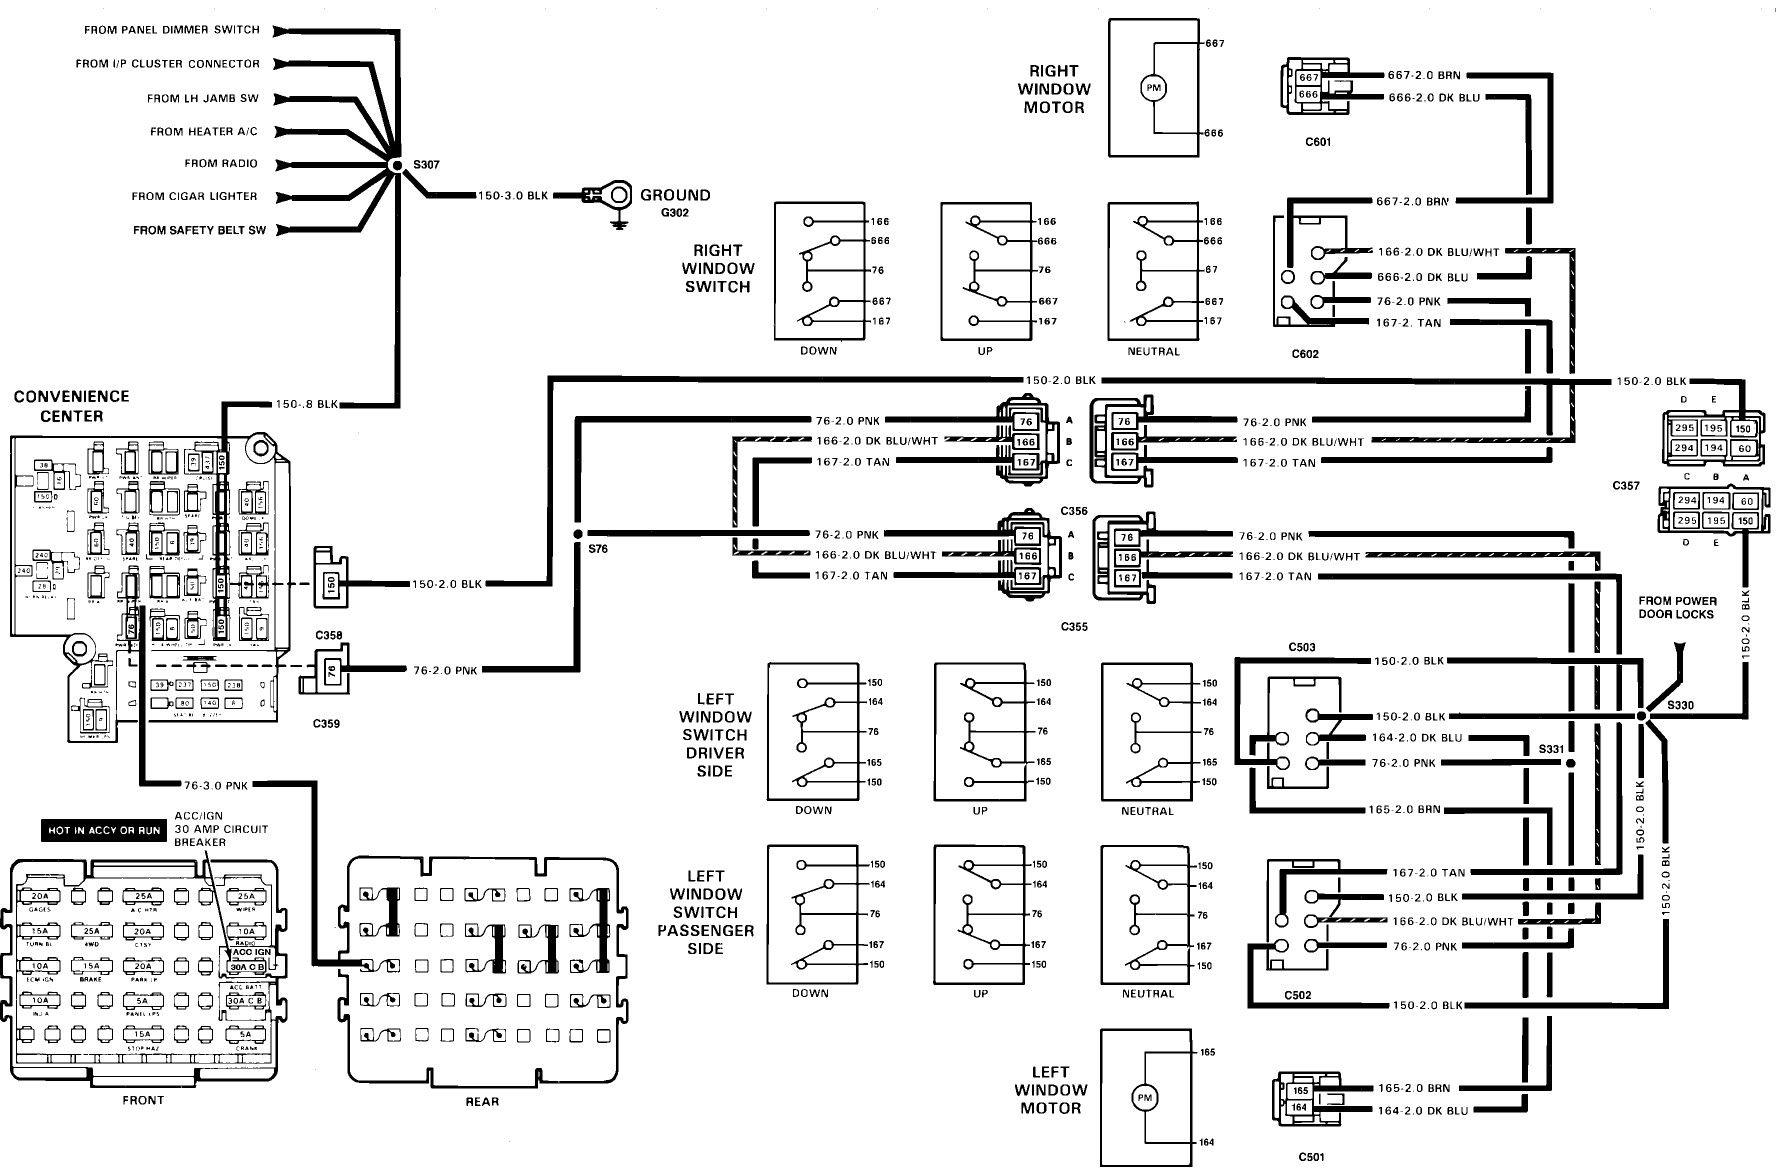 Silverado Wiring Diagram In 2021 Electrical Diagram Chevy Trucks Diagram